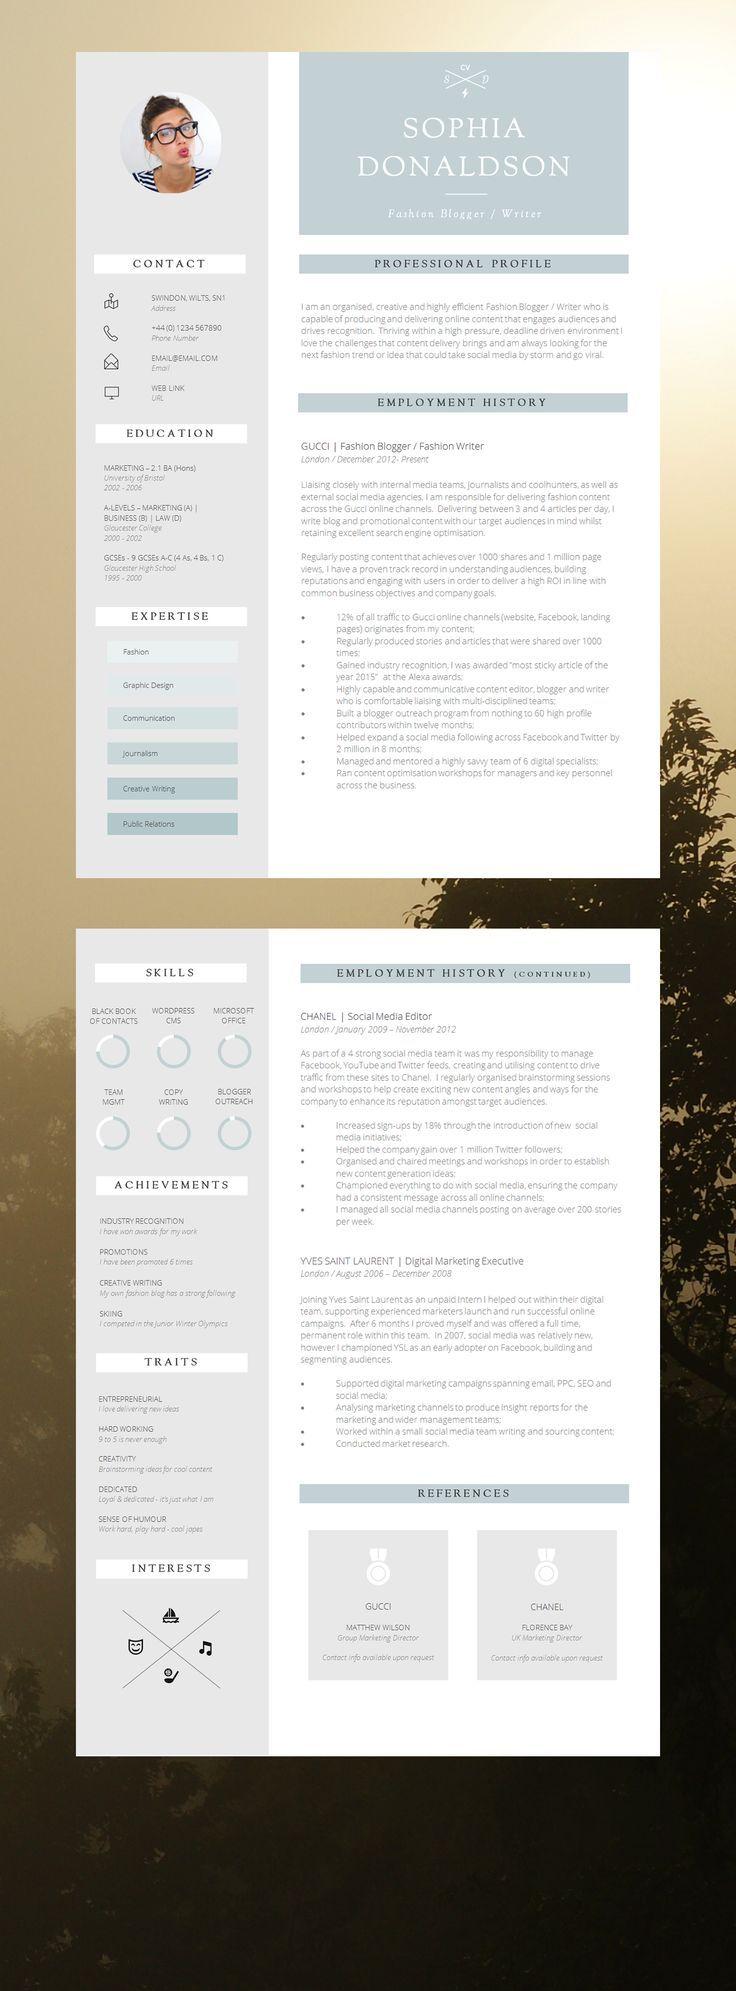 CV Template Modern CV Design Dont